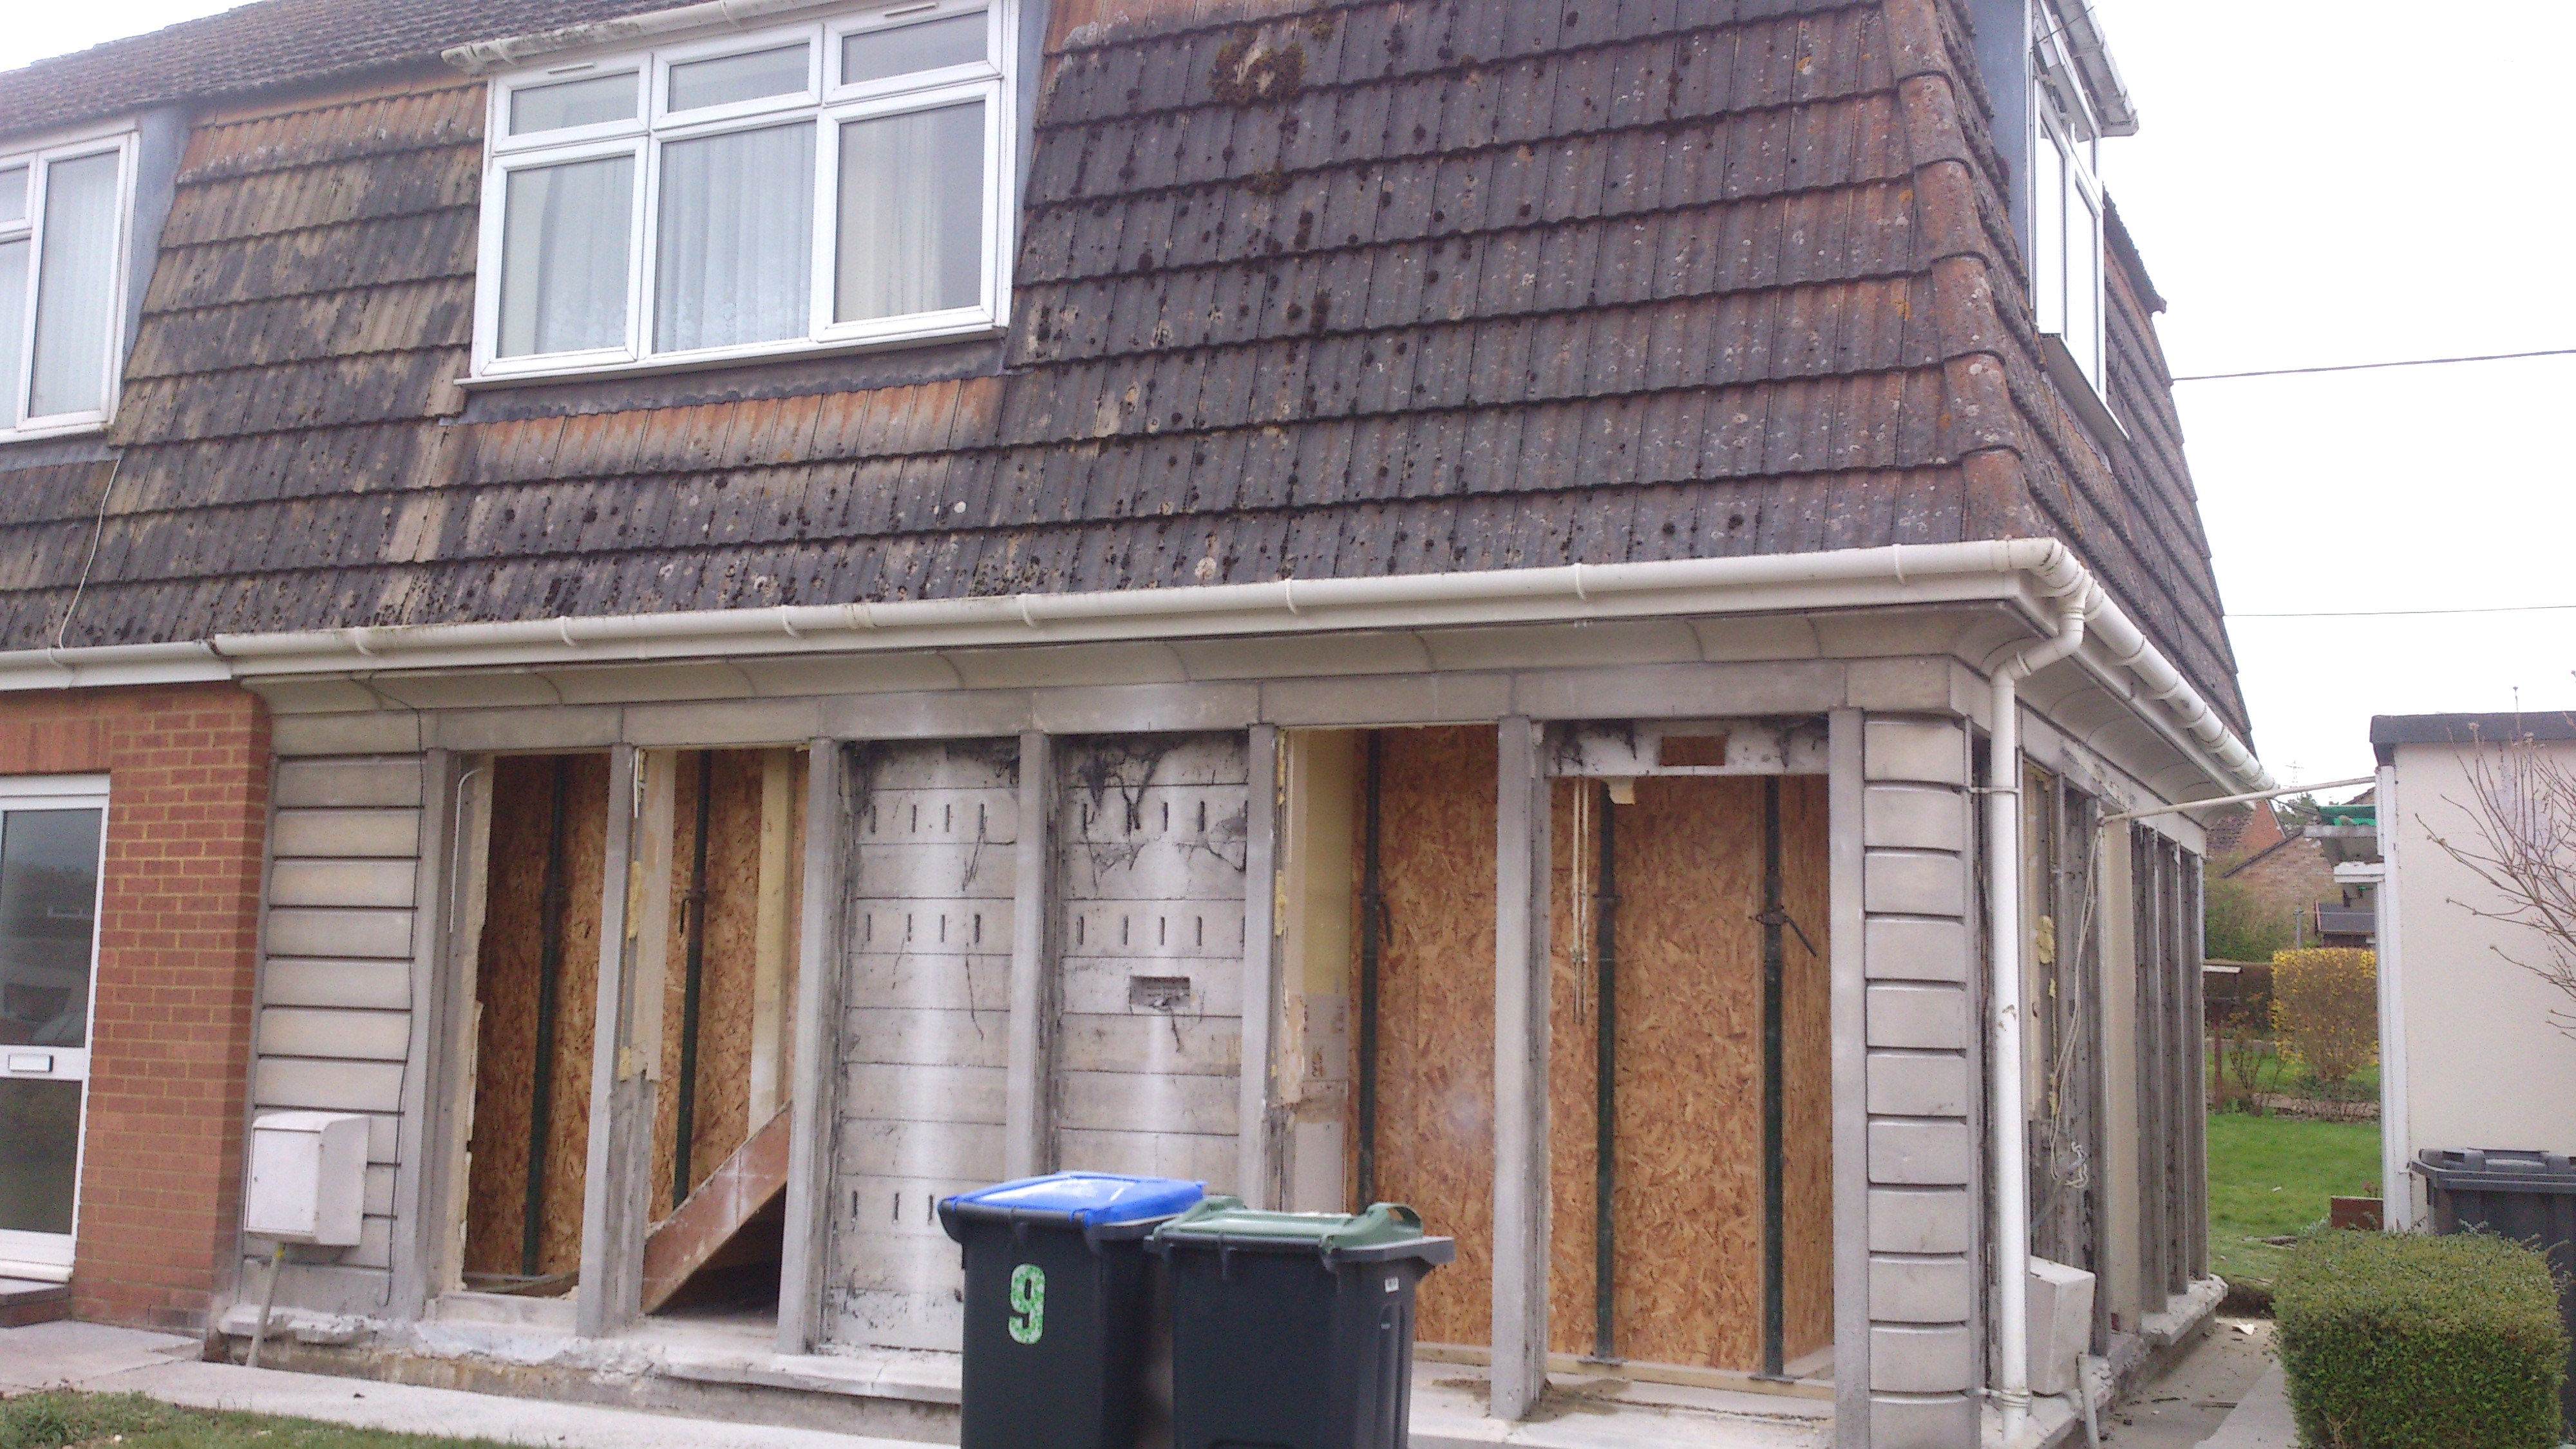 Cornish Unit Prc Repairs The Prc Repair Co Prc Repair